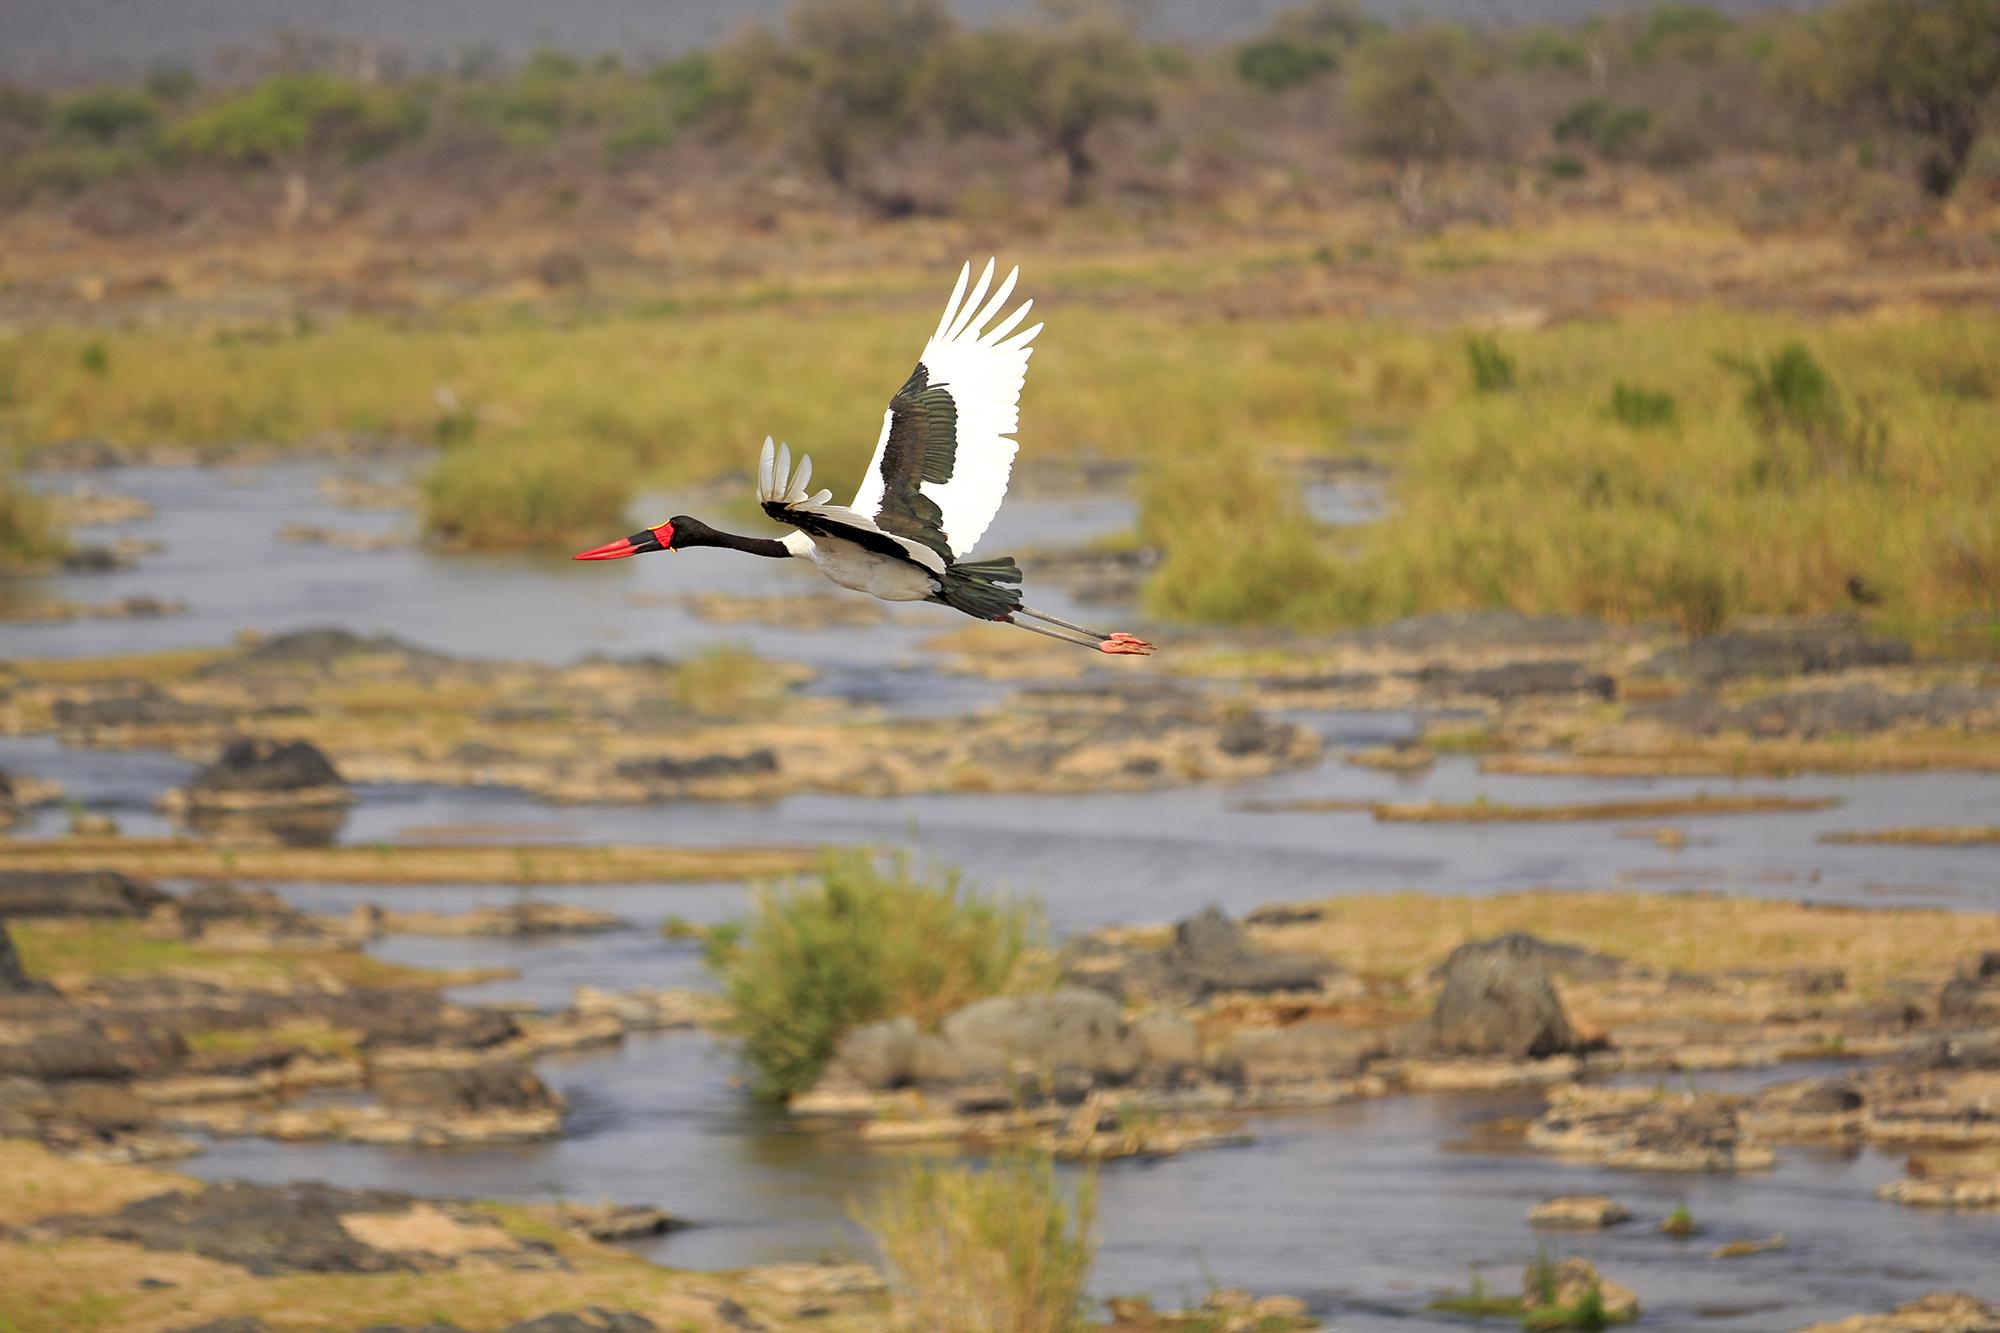 Jabiru d'Afrique (Ephippiorhynchus senegalensis) en Afrique du Sud par Guillaume Projetti